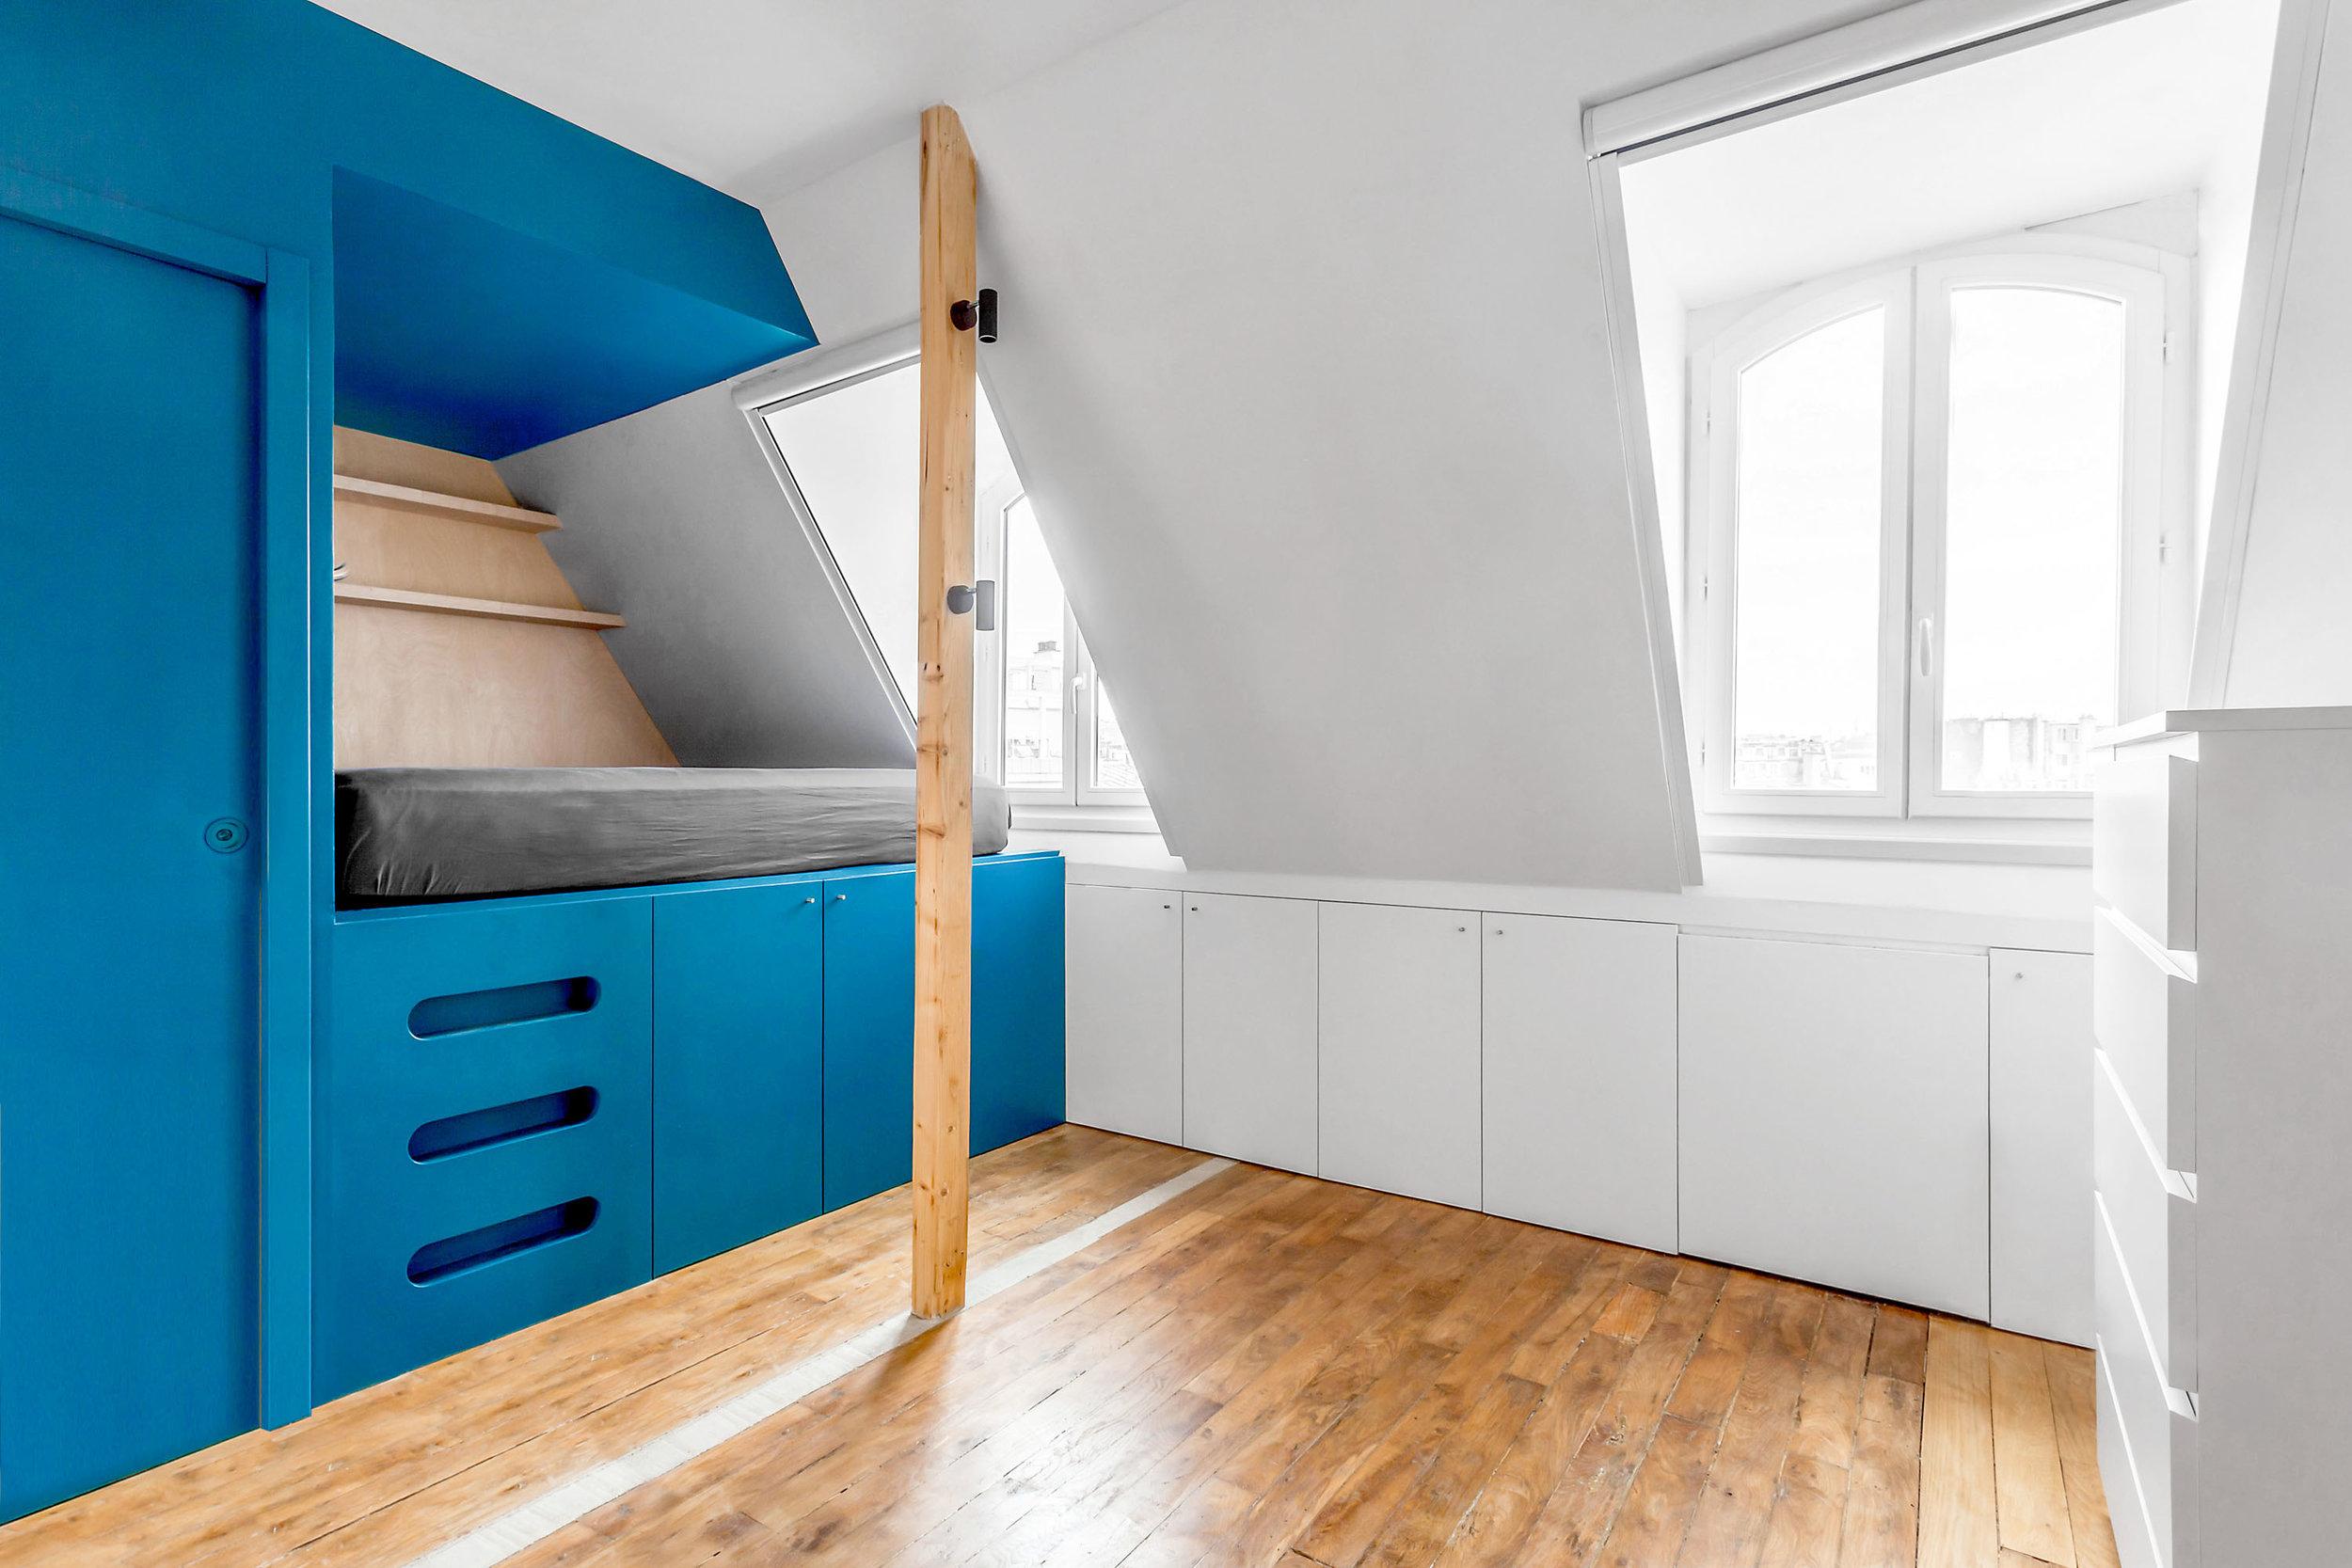 Inée_Architectes_Rénovation_Studio_Paris - © www.bam.archi